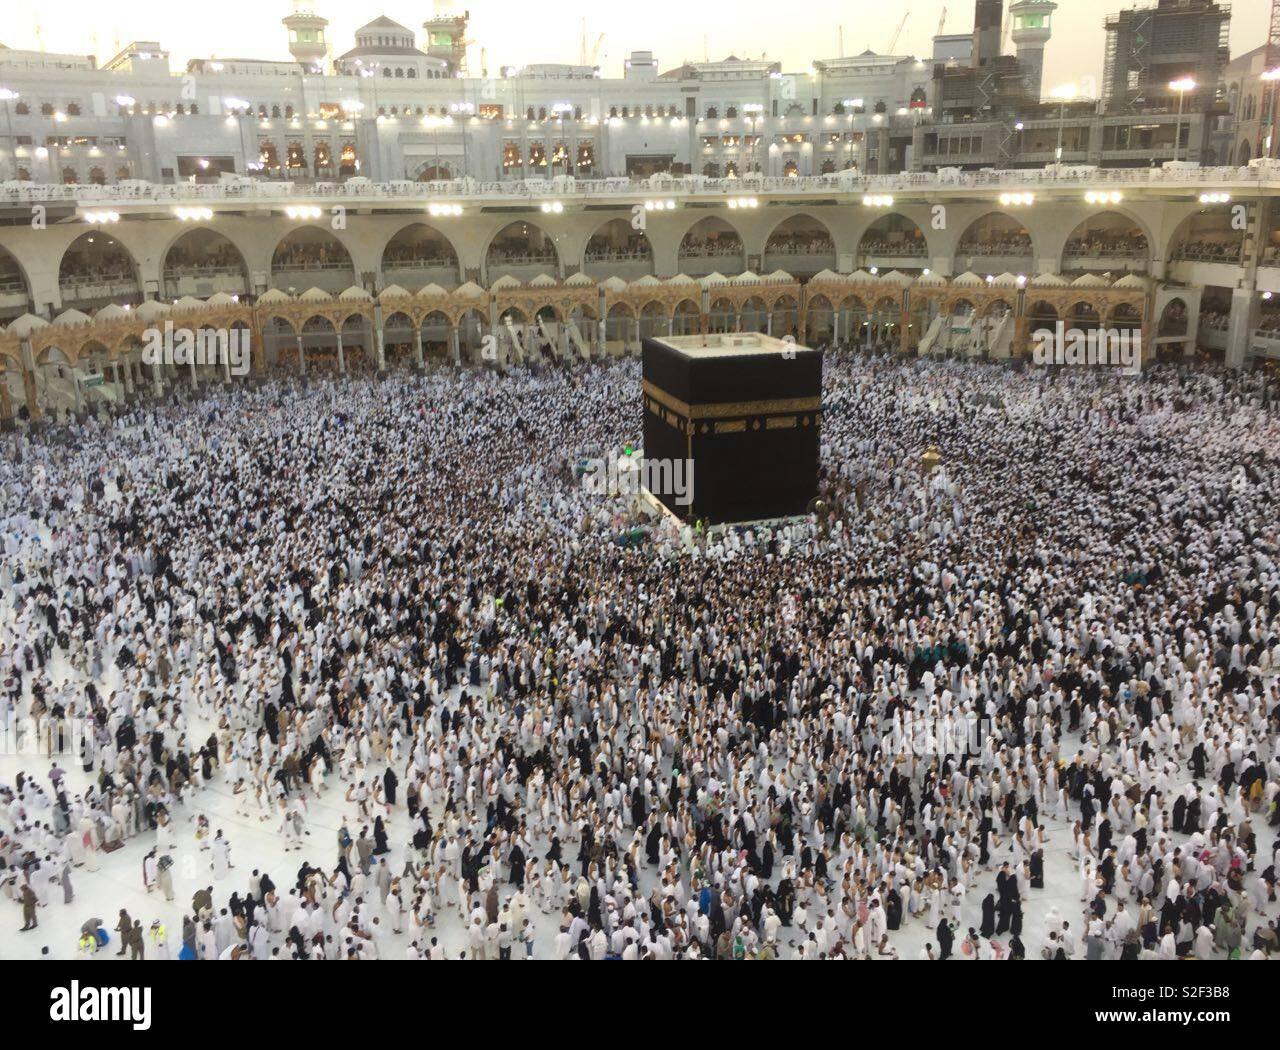 Kabah Masjid Al Haram Makkah Stock Photo Alamy